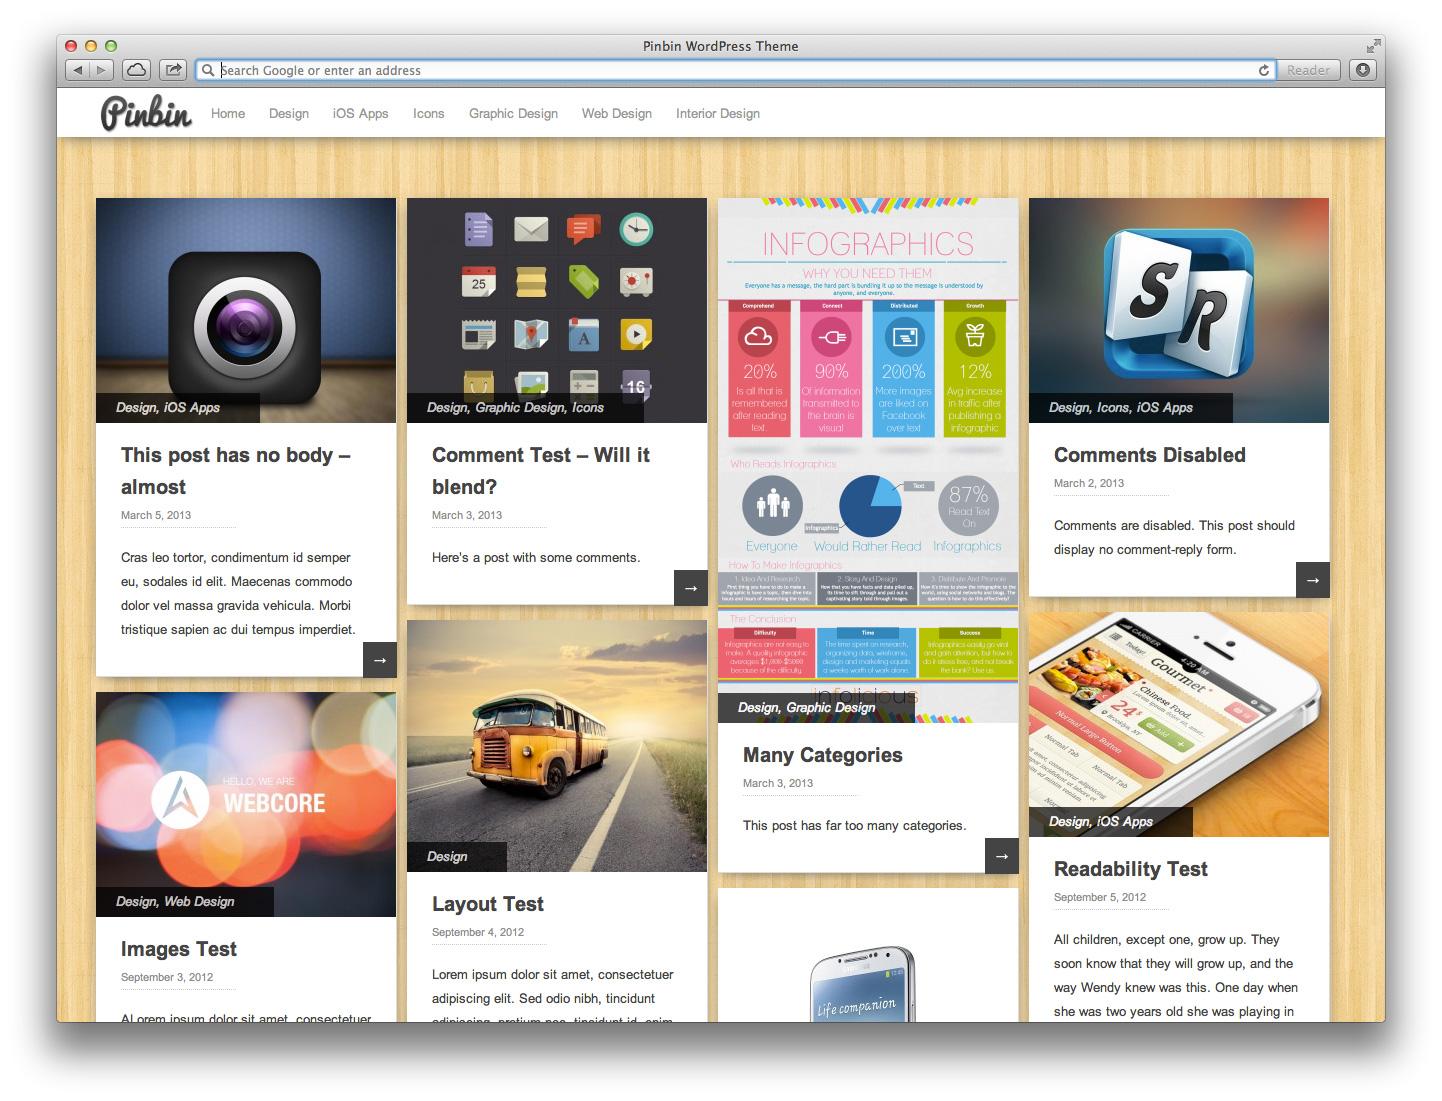 Pinbin Theme on Desktop web Broswer